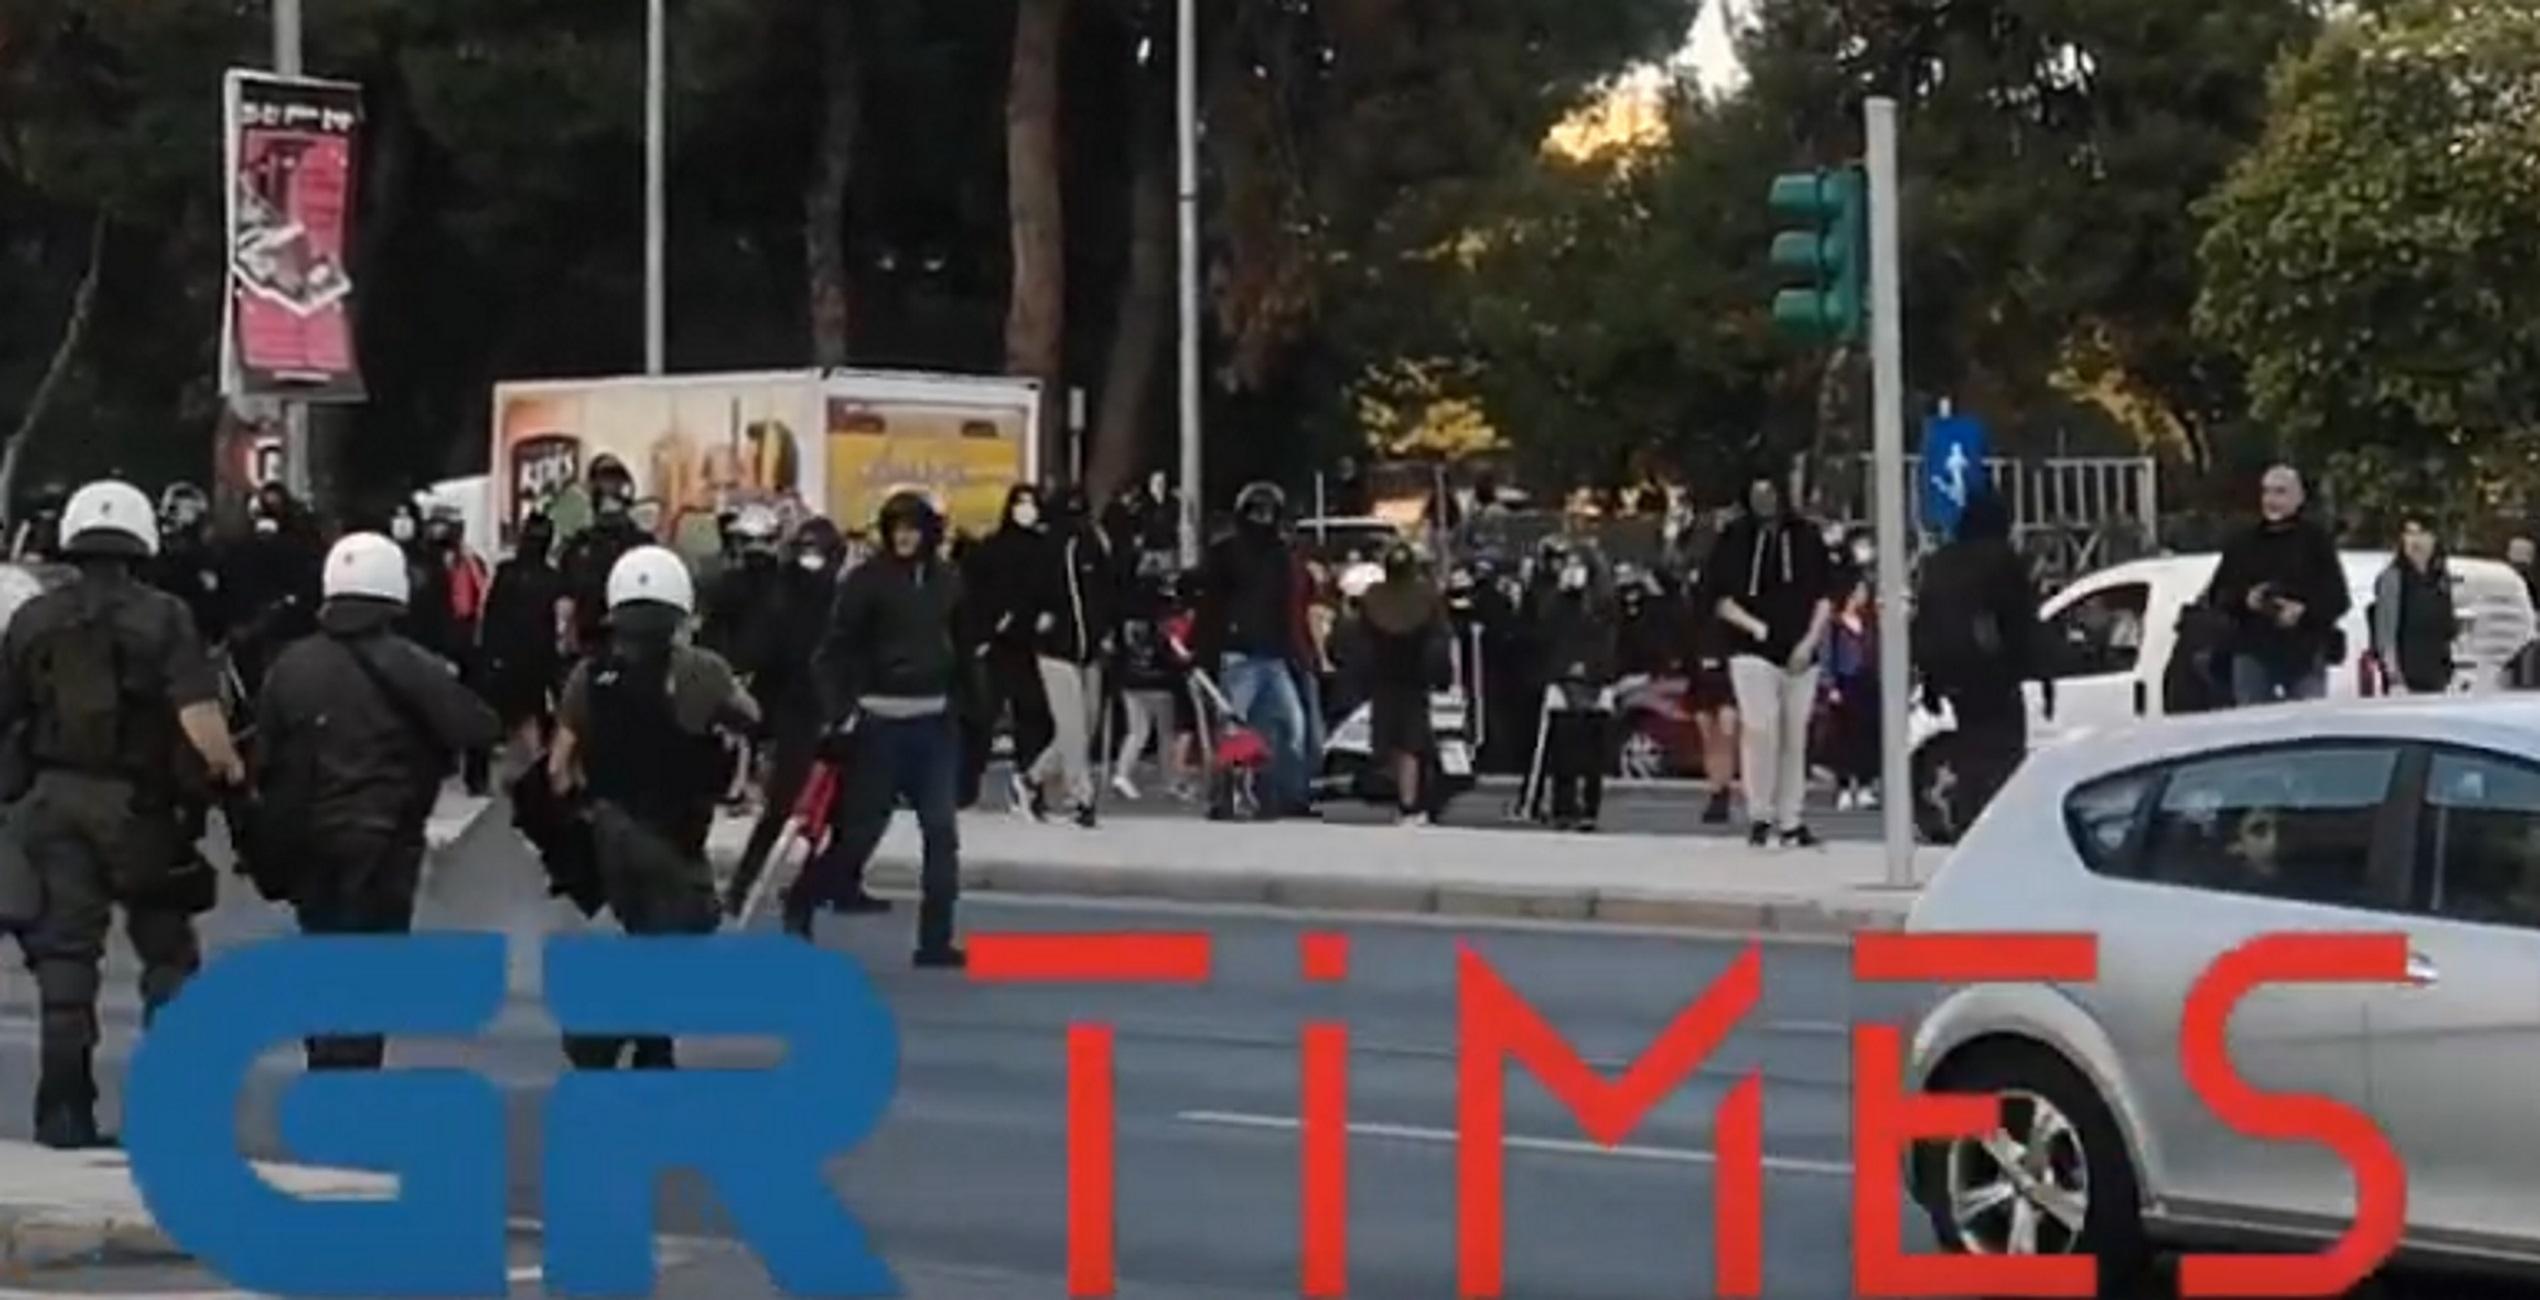 Θεσσαλονίκη: Σκηνές έντασης στην αντιφασιστική συγκέντρωση – Καζάνι που βράζει η Σταυρούπολη